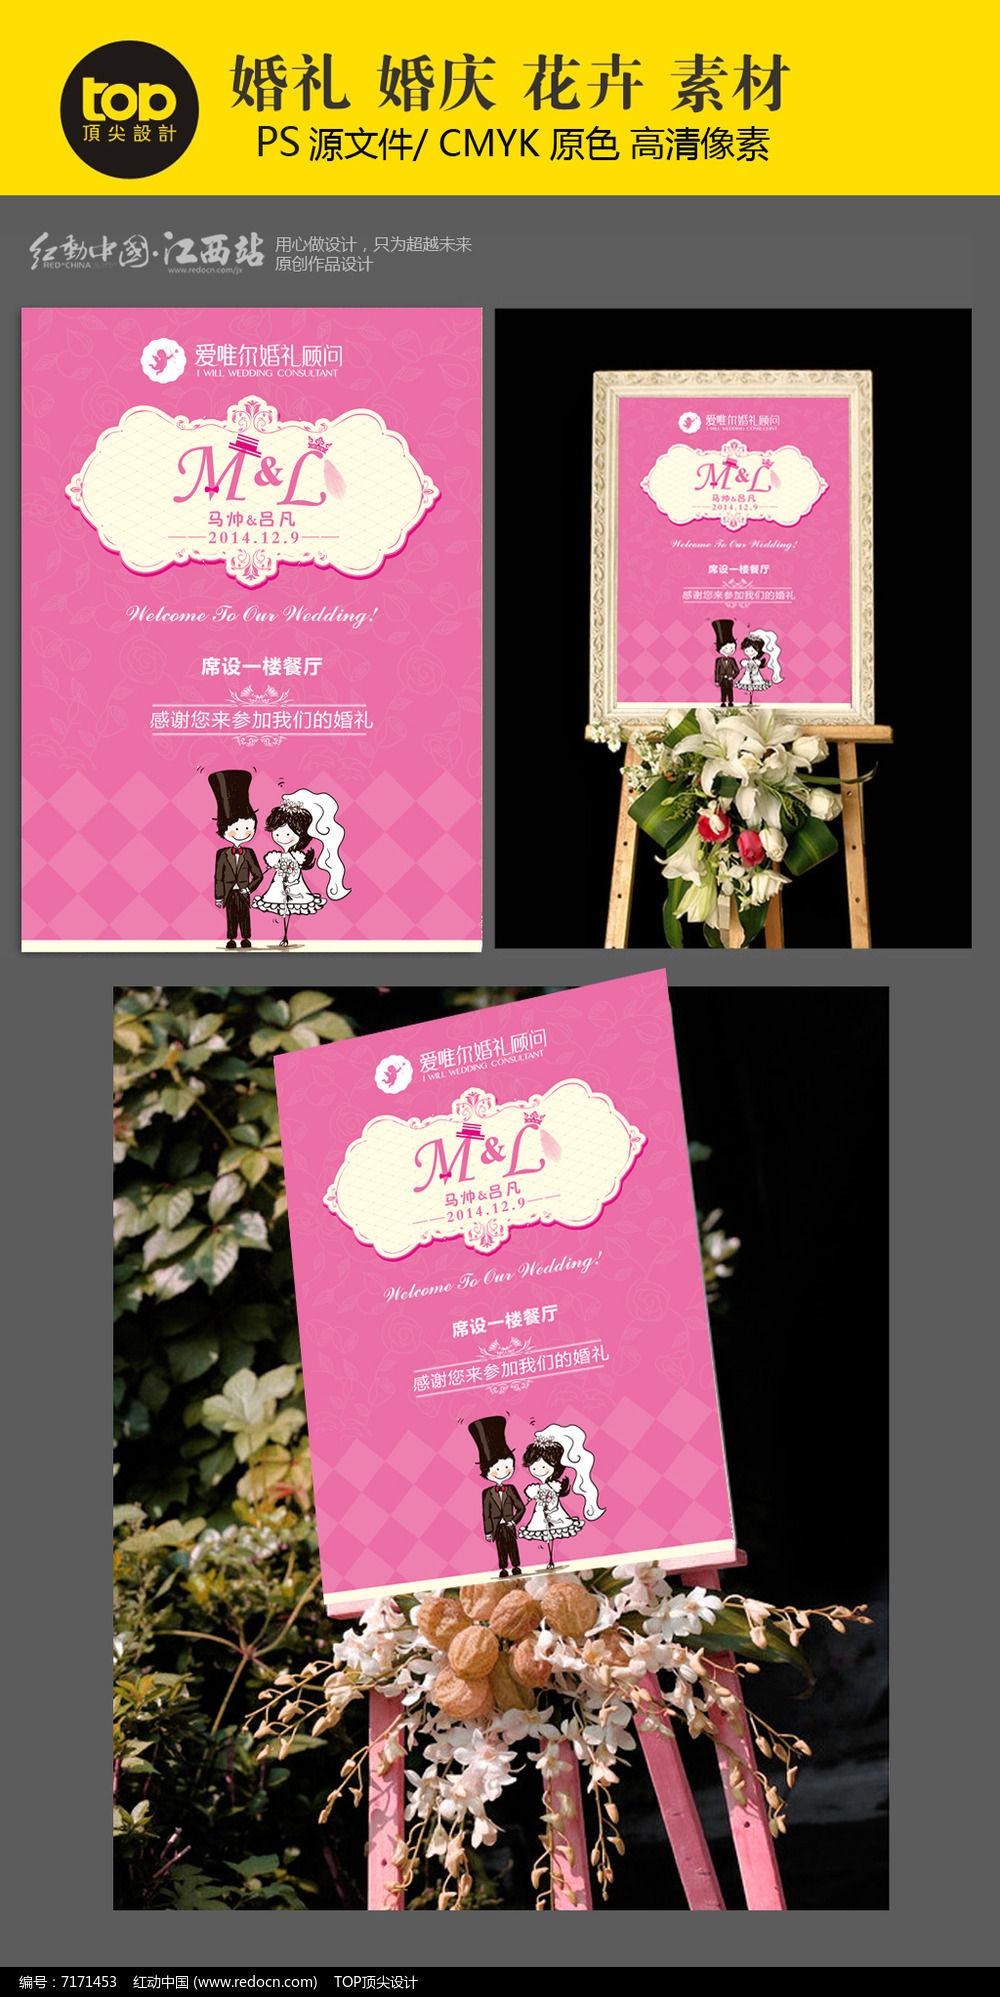 粉红色桃红色梦幻卡通婚礼海报迎宾牌海报设计图片